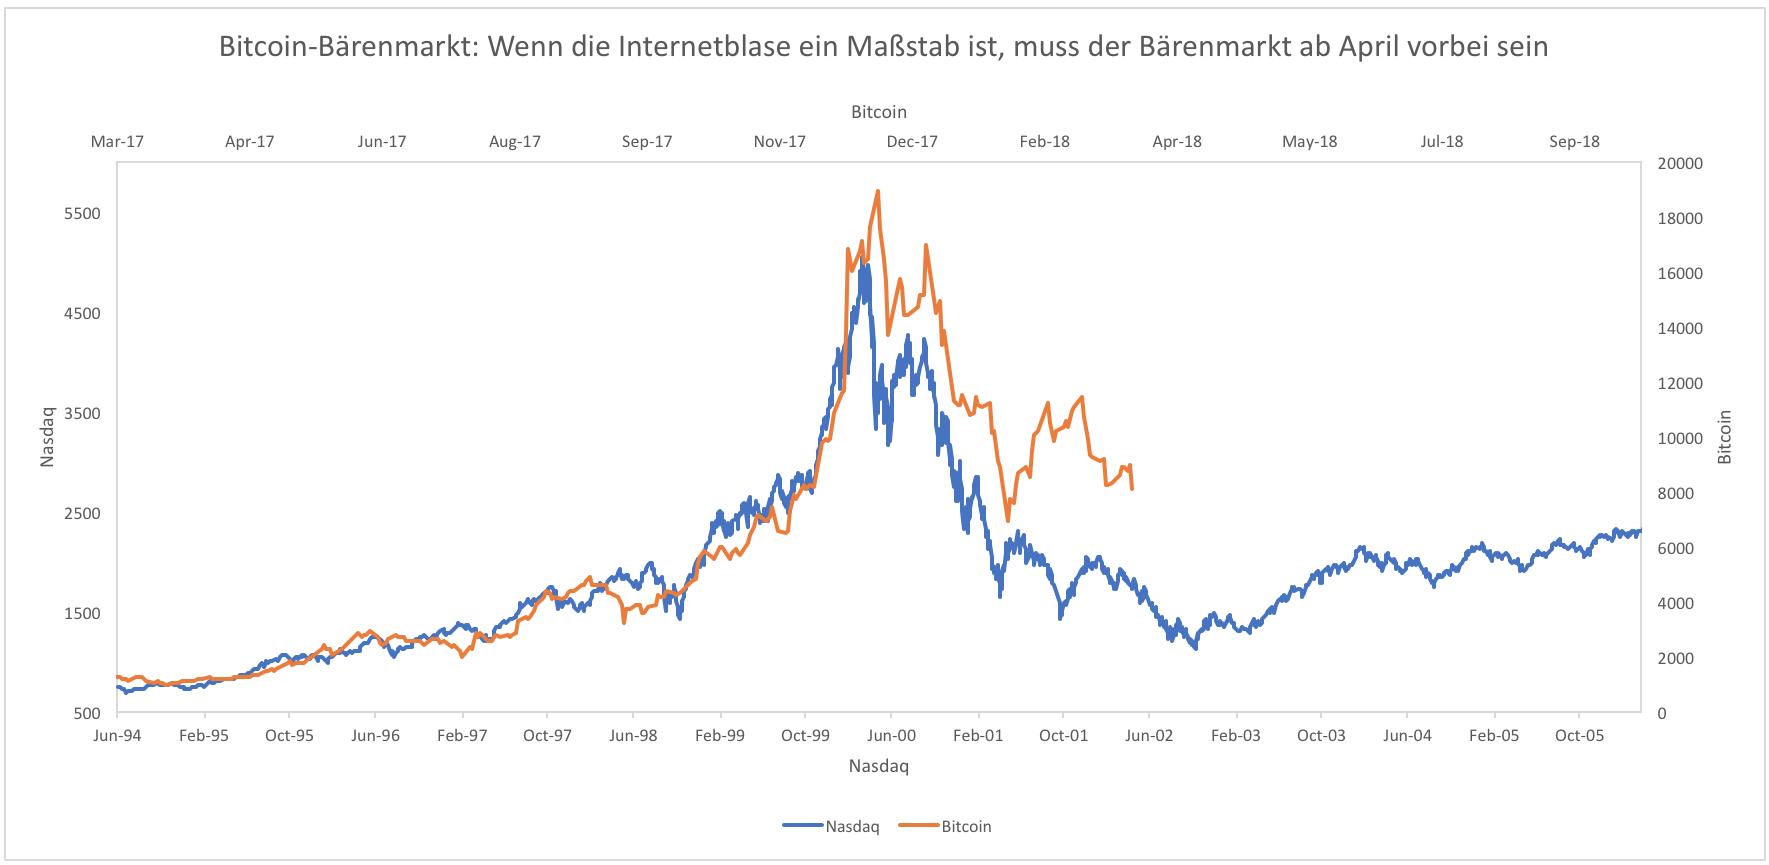 BITCOIN-Ab-April-geht-es-wieder-aufwärts-Kommentar-Clemens-Schmale-GodmodeTrader.de-1